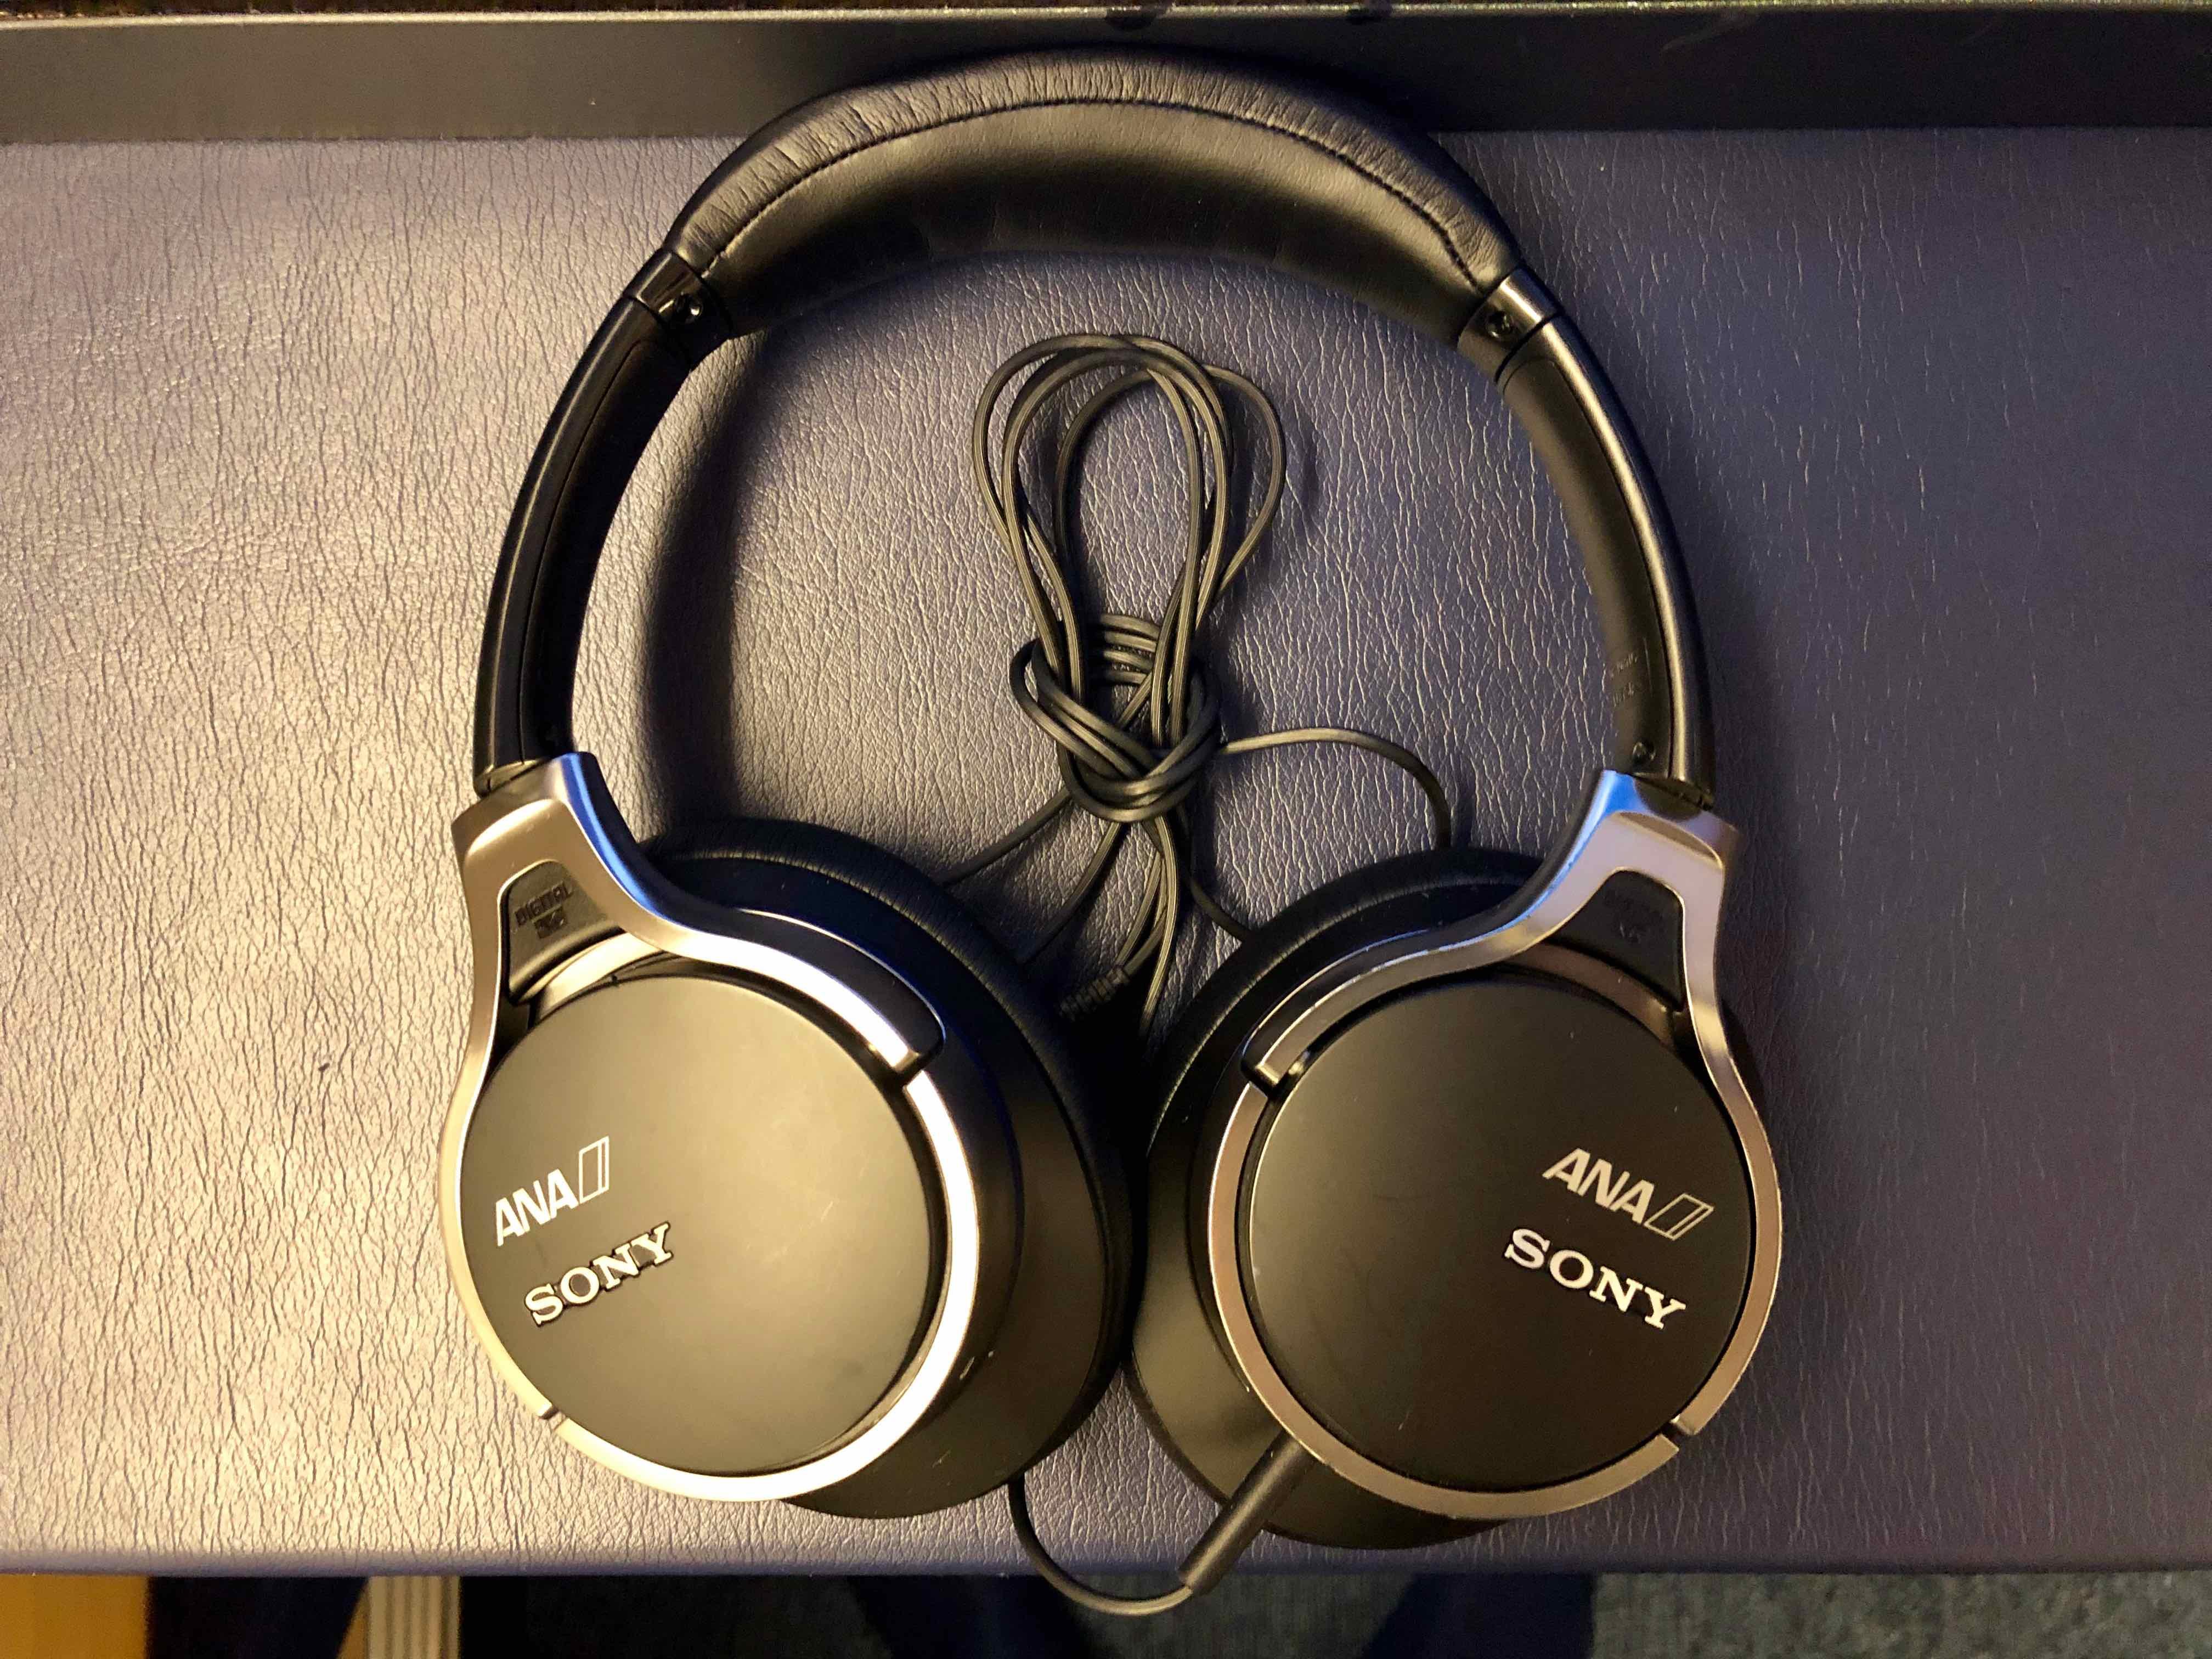 ANA 777 First Class headphones